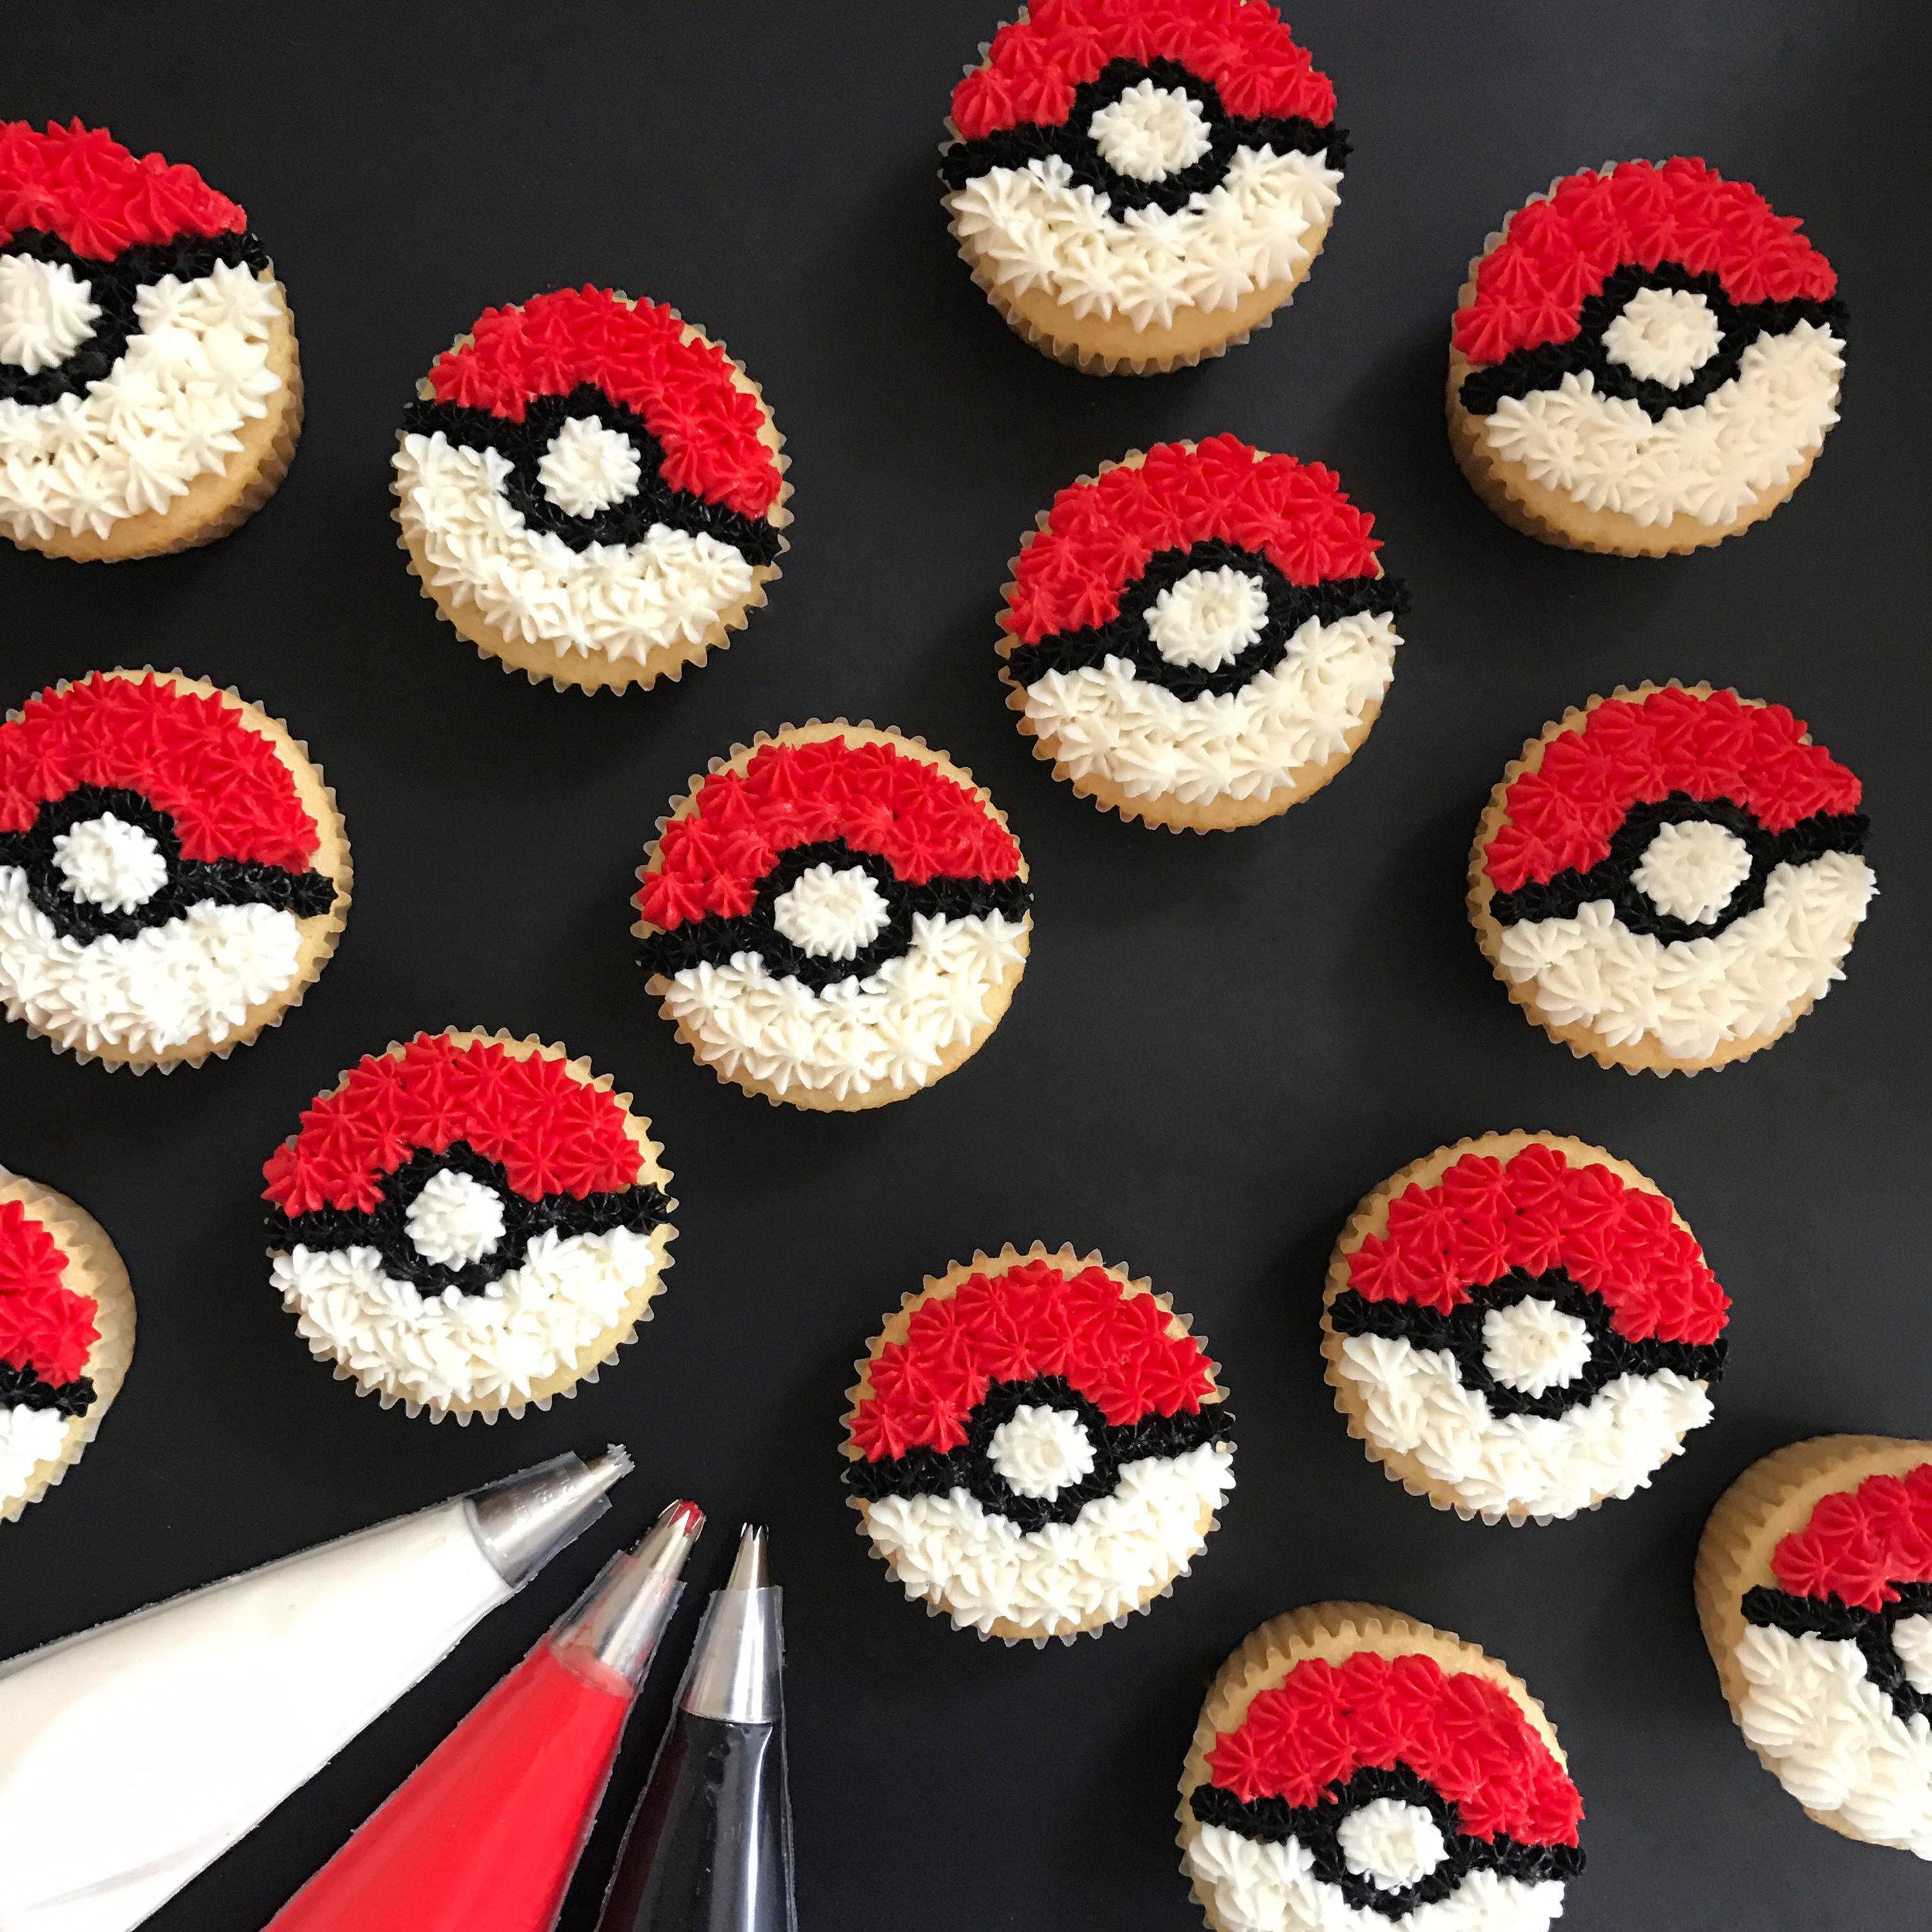 PokeBallCupcakes.jpg